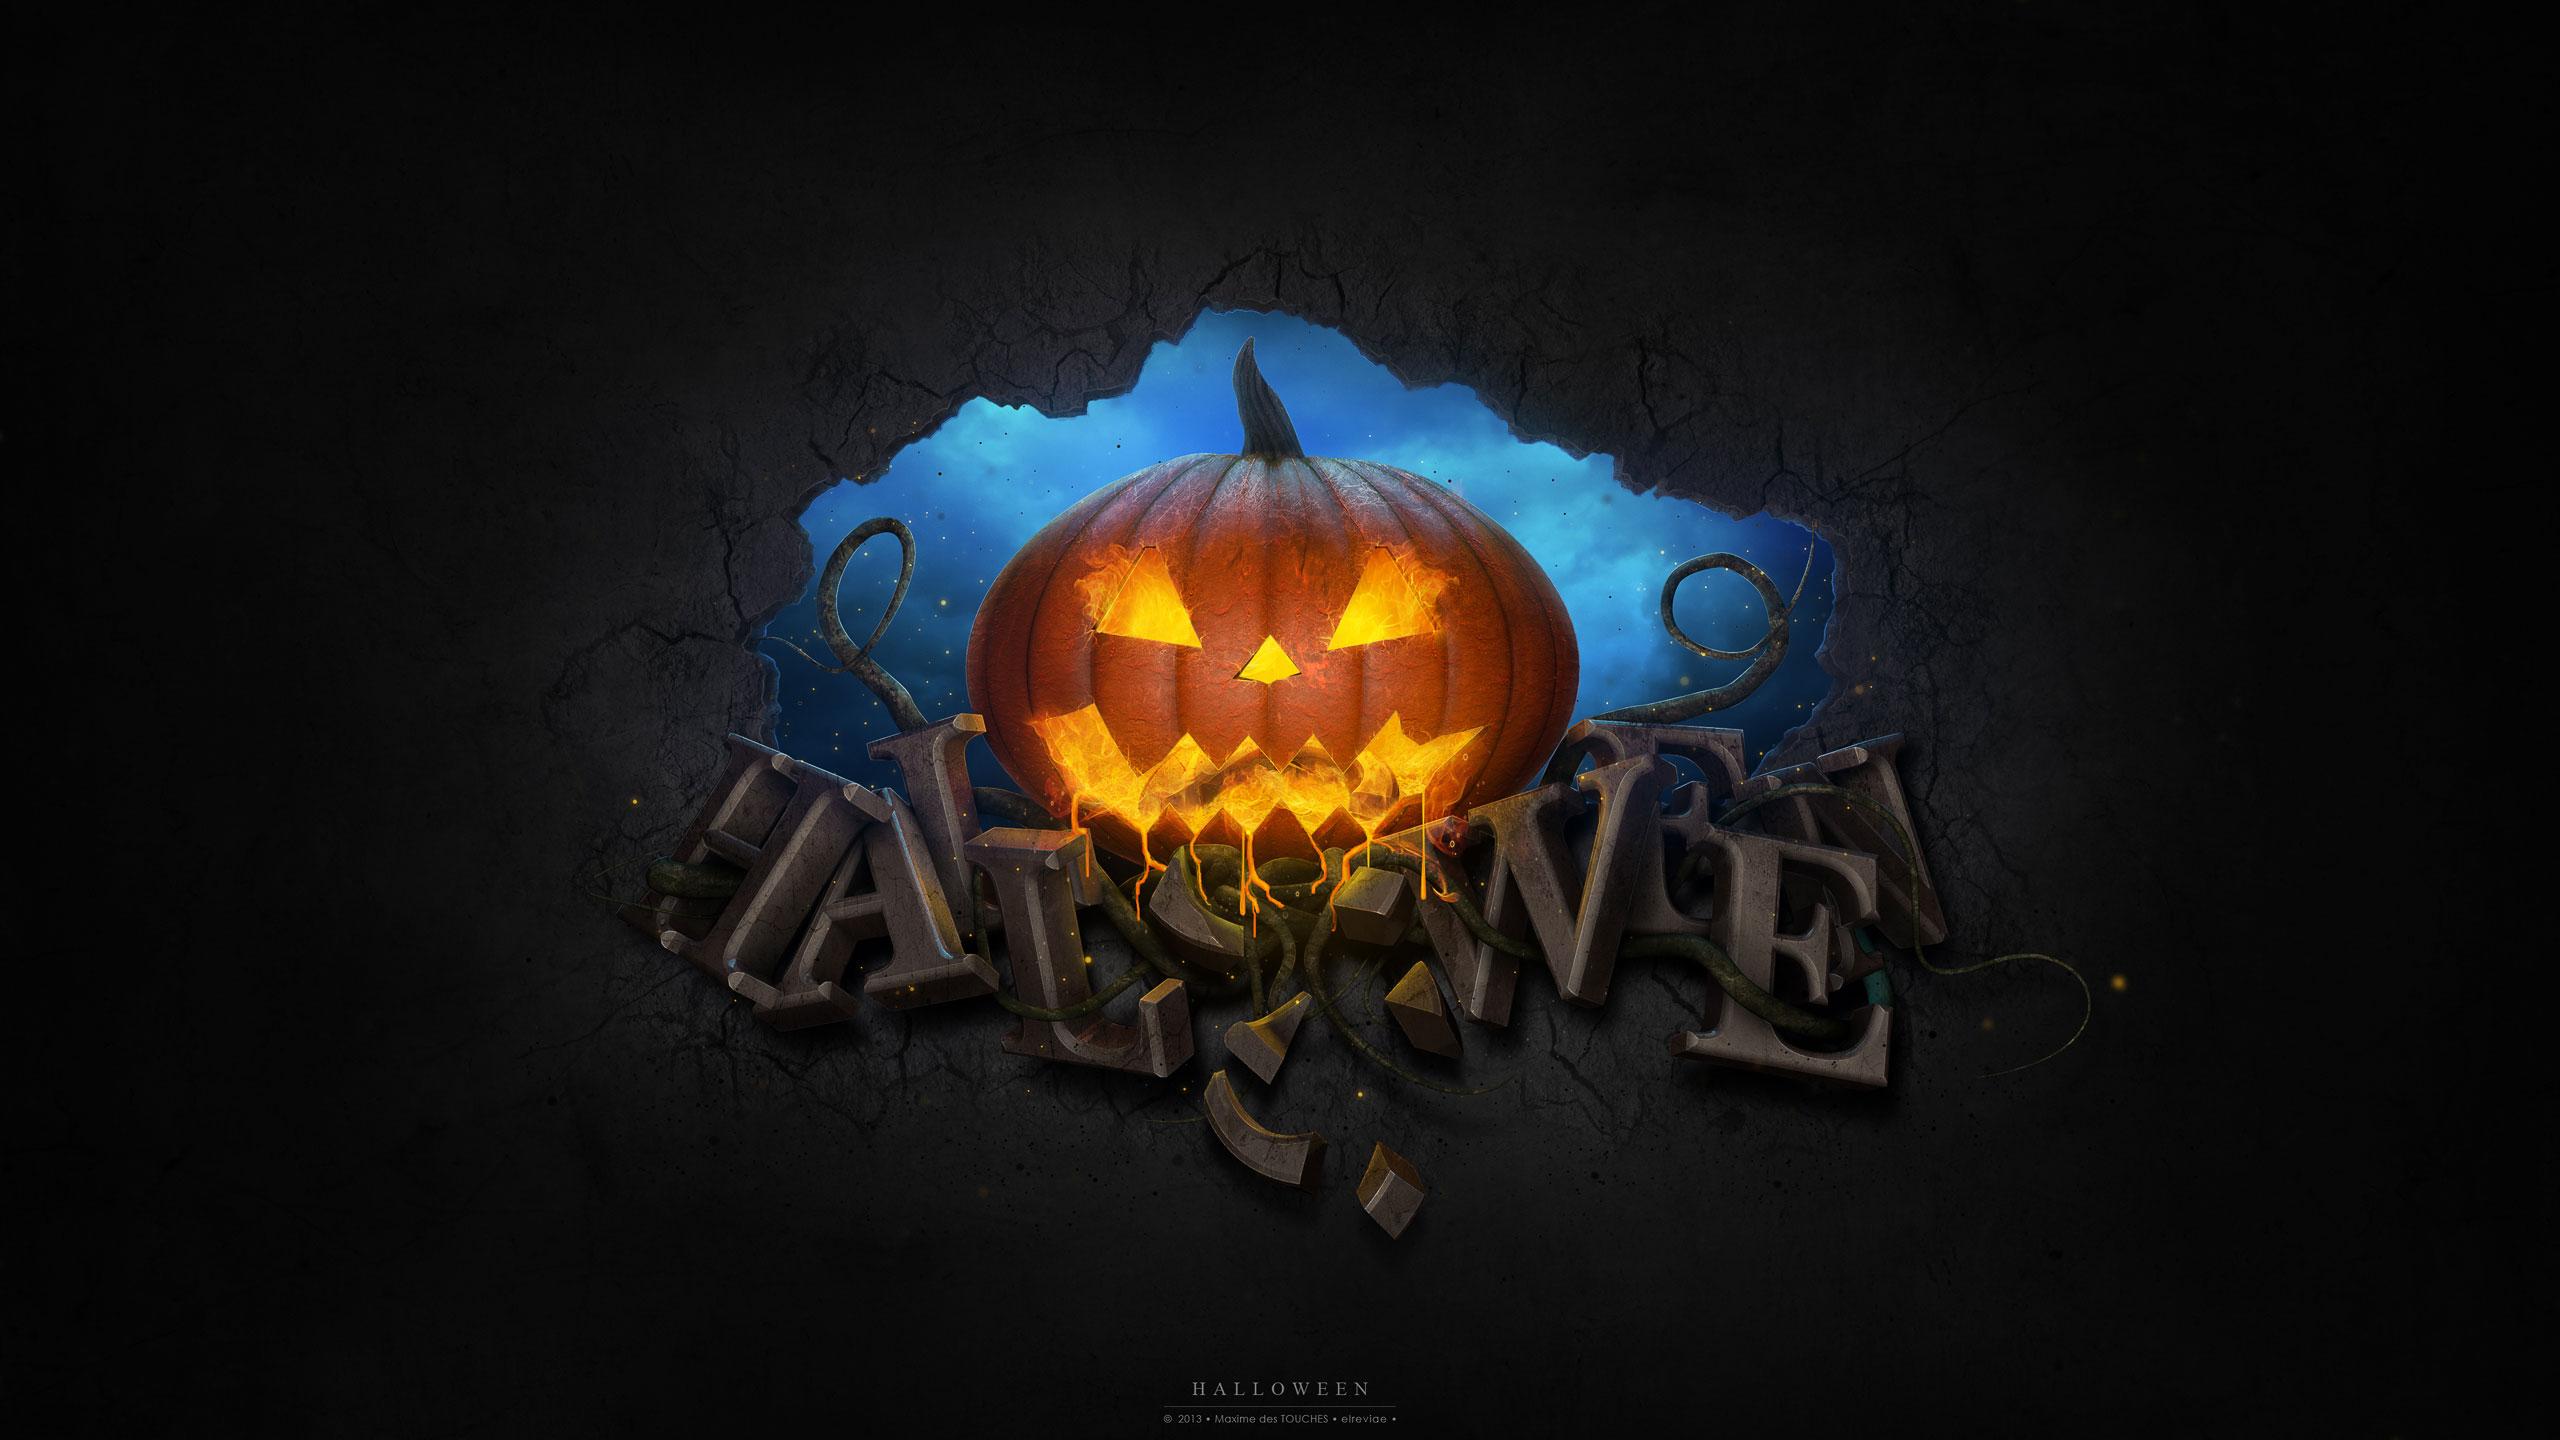 2014_halloween_Wallpaper_HD_Widescreen